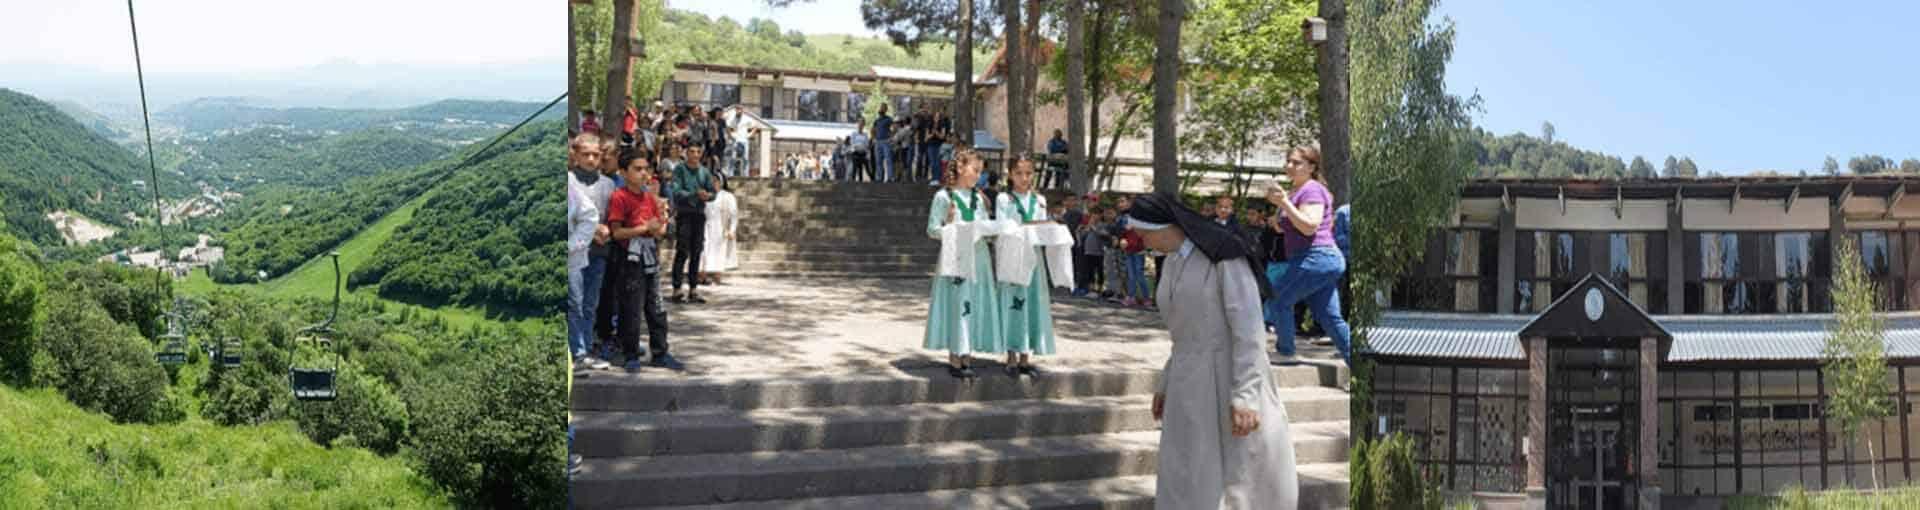 A place of beauty- OLA Camp, Tsaghkadzor